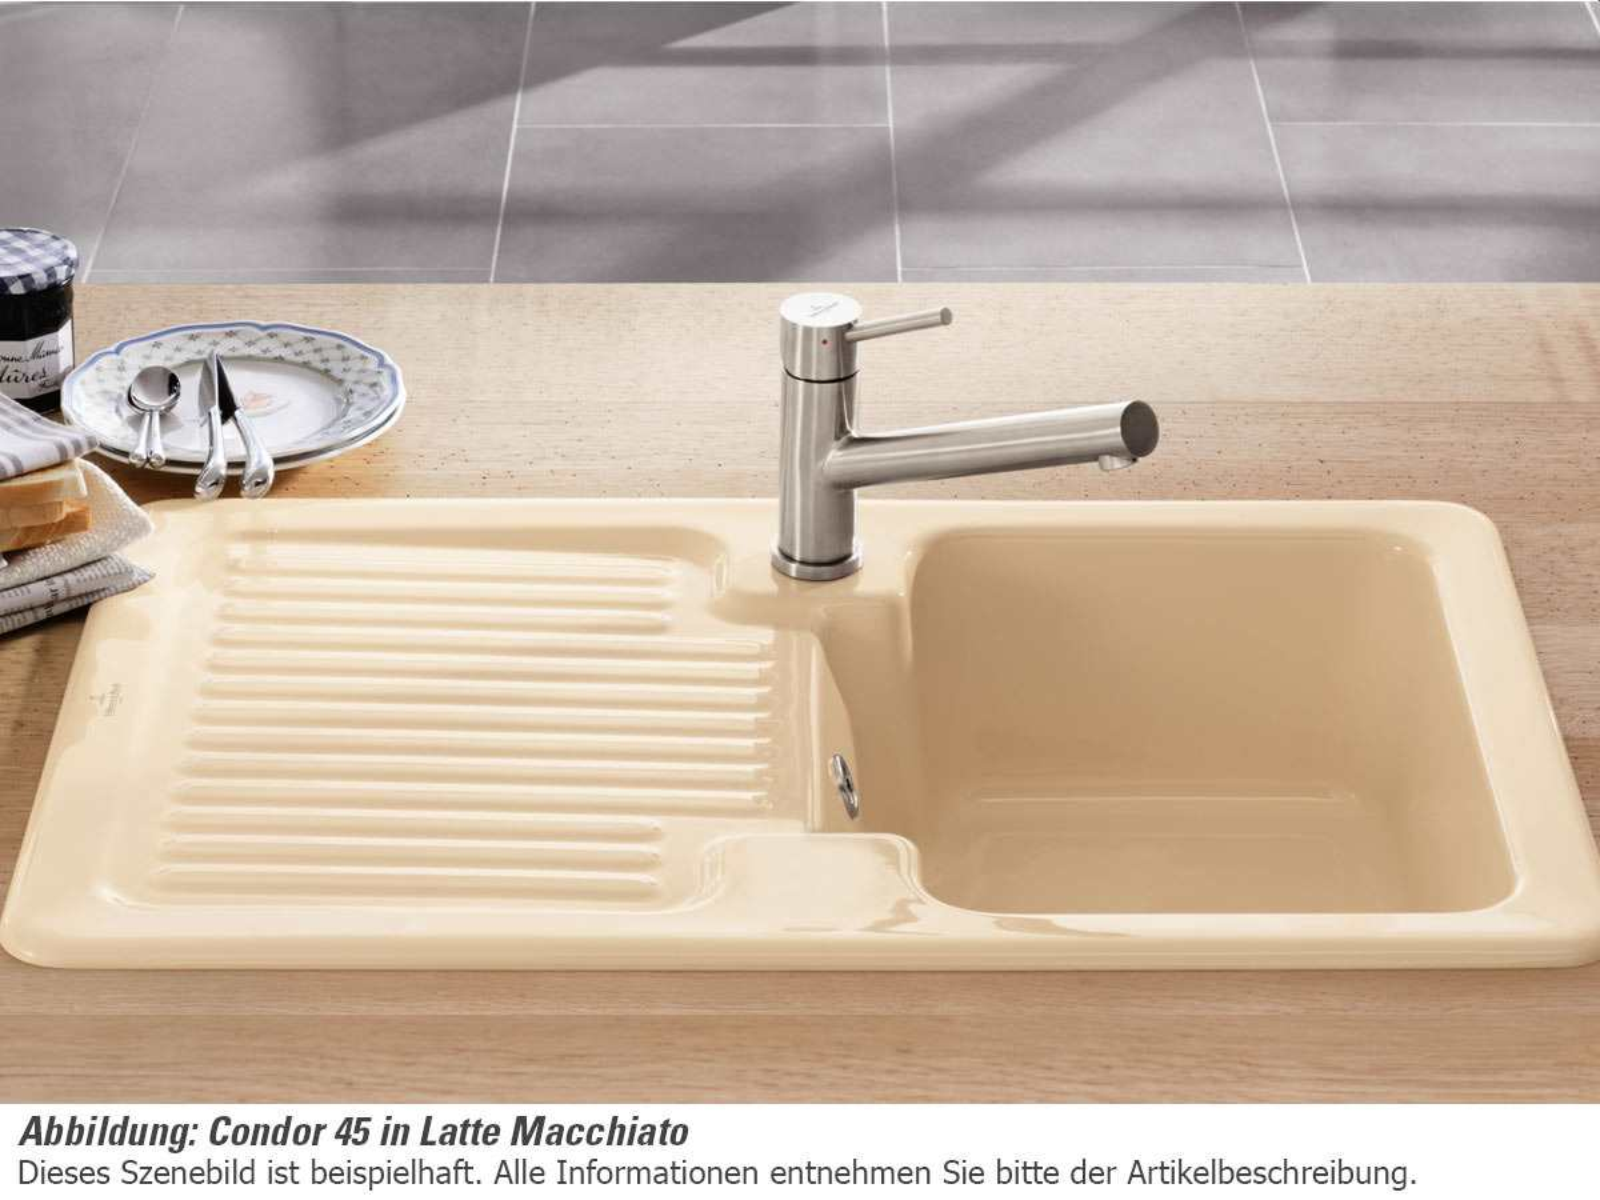 Villeroy & Boch Condor 45 Stone - 6745 01 SL Keramikspüle Handbetätigung